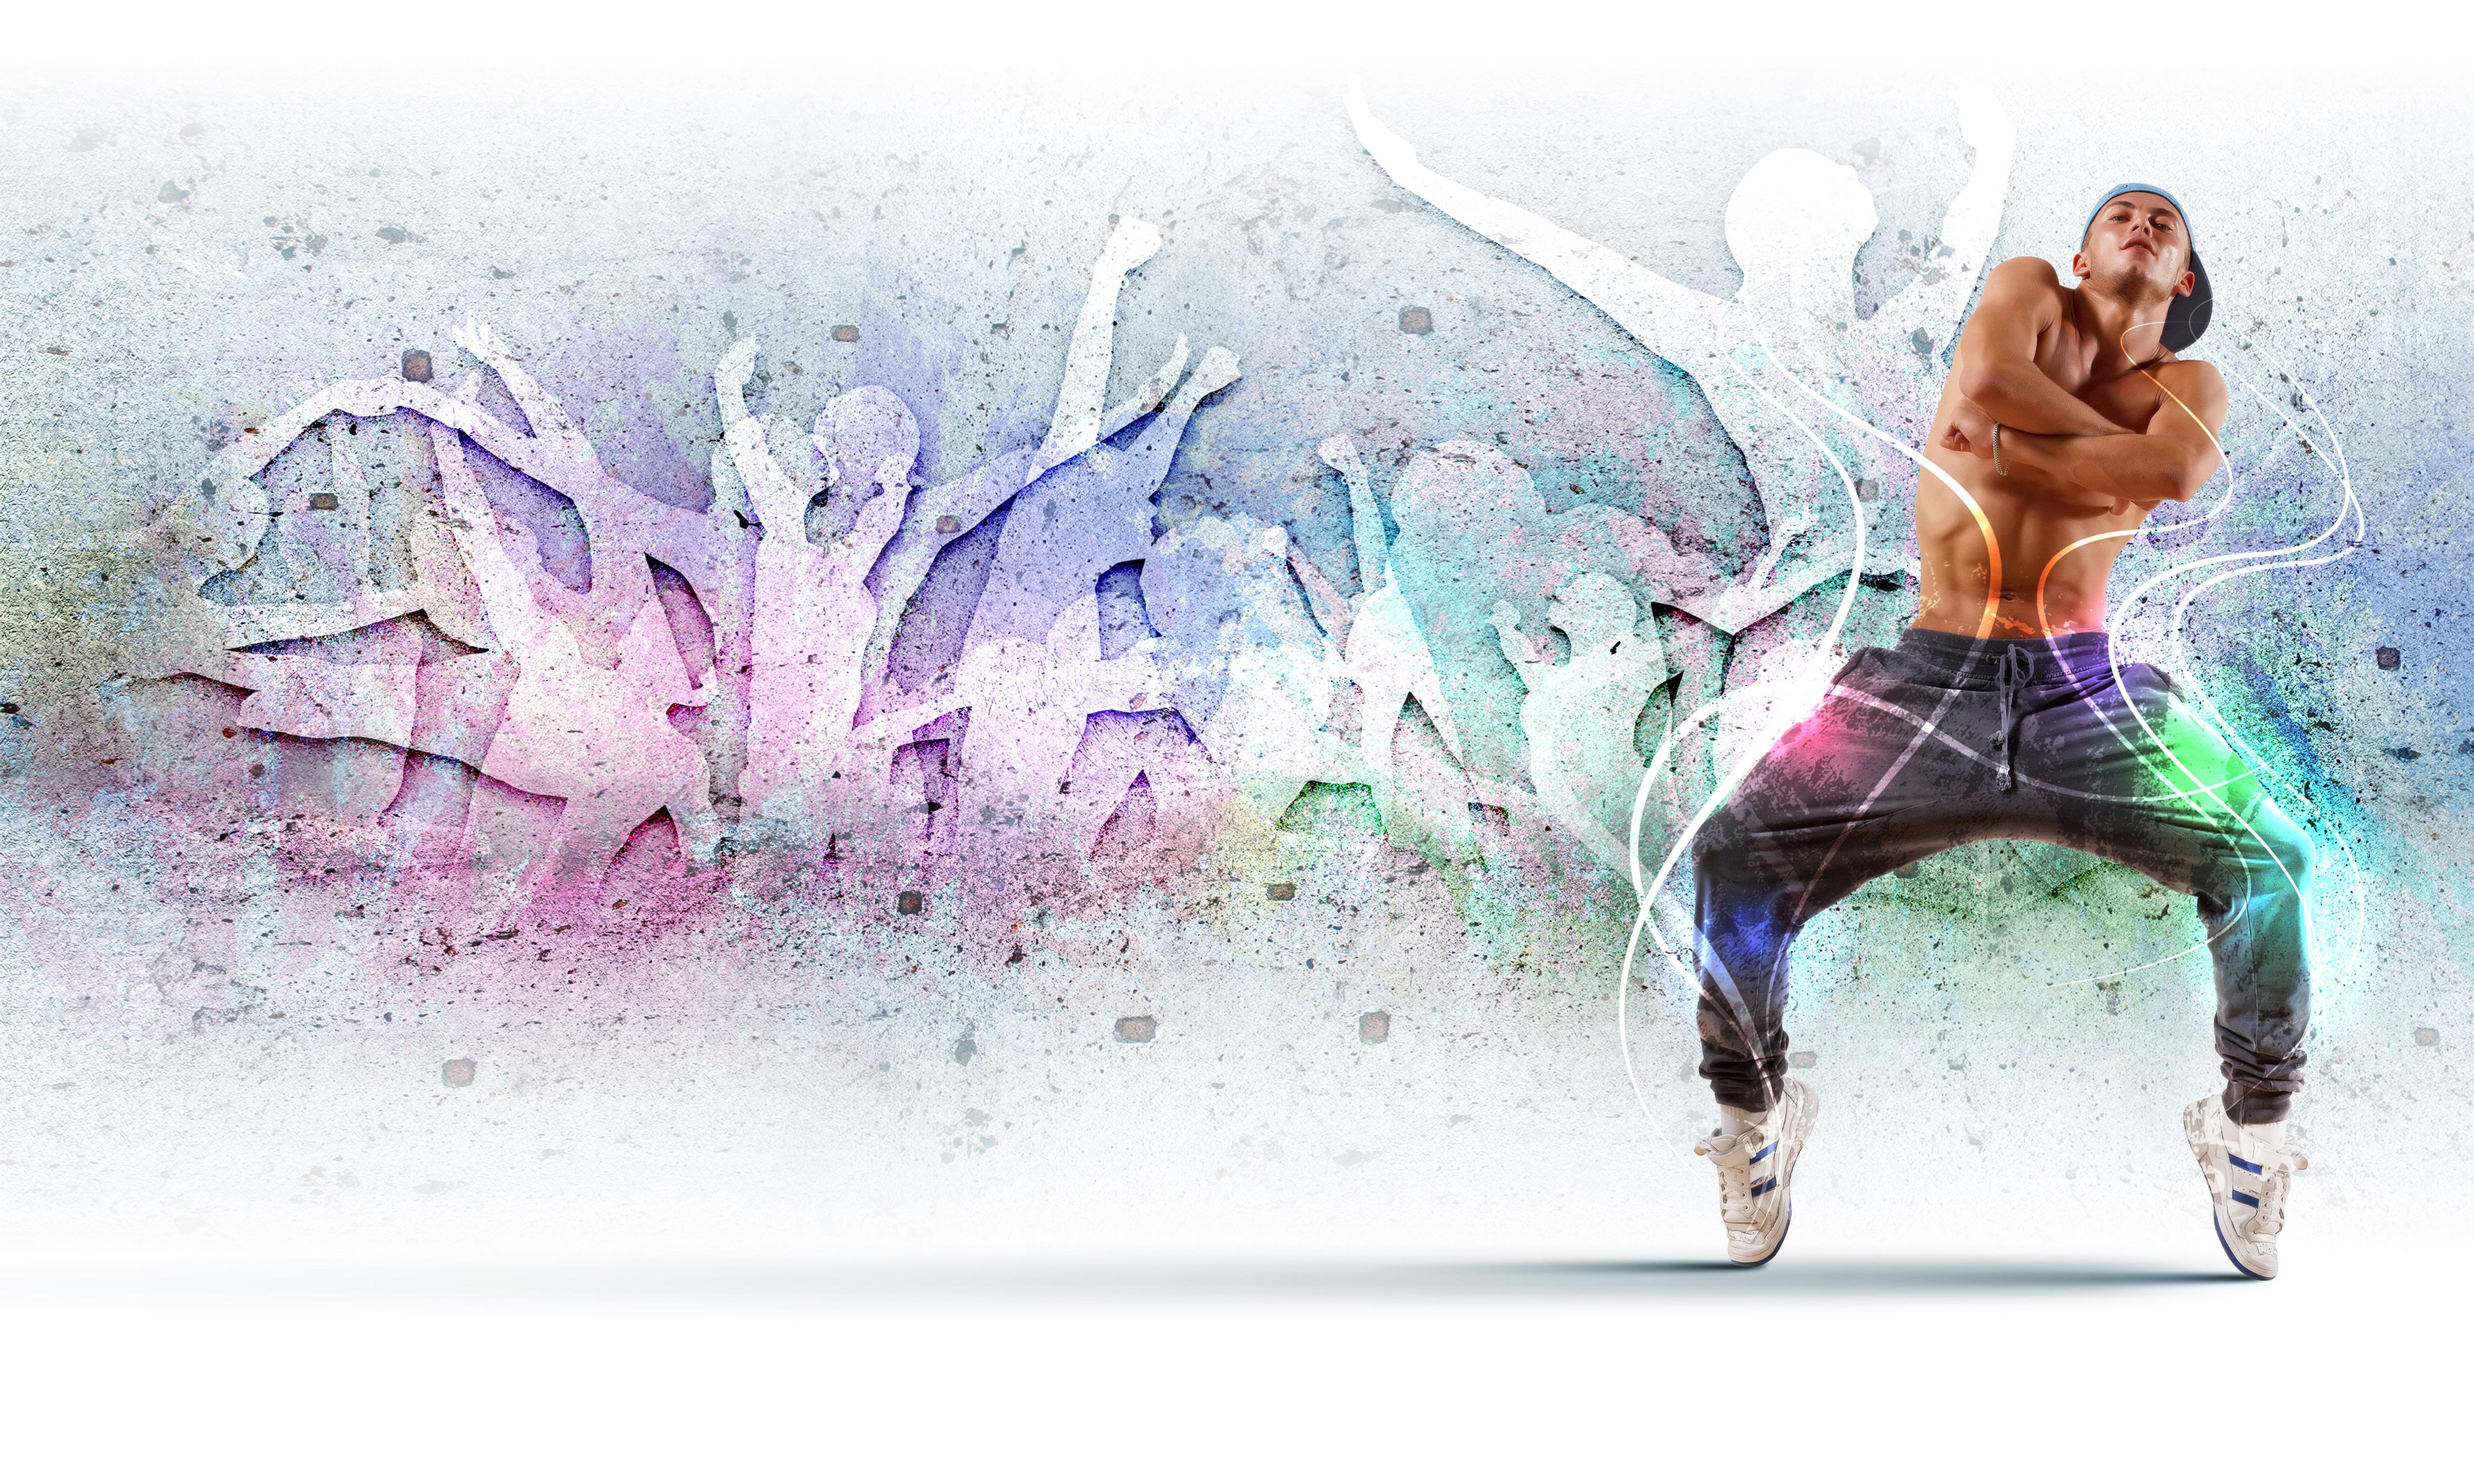 Арт музыка танцы  № 2843783 без смс